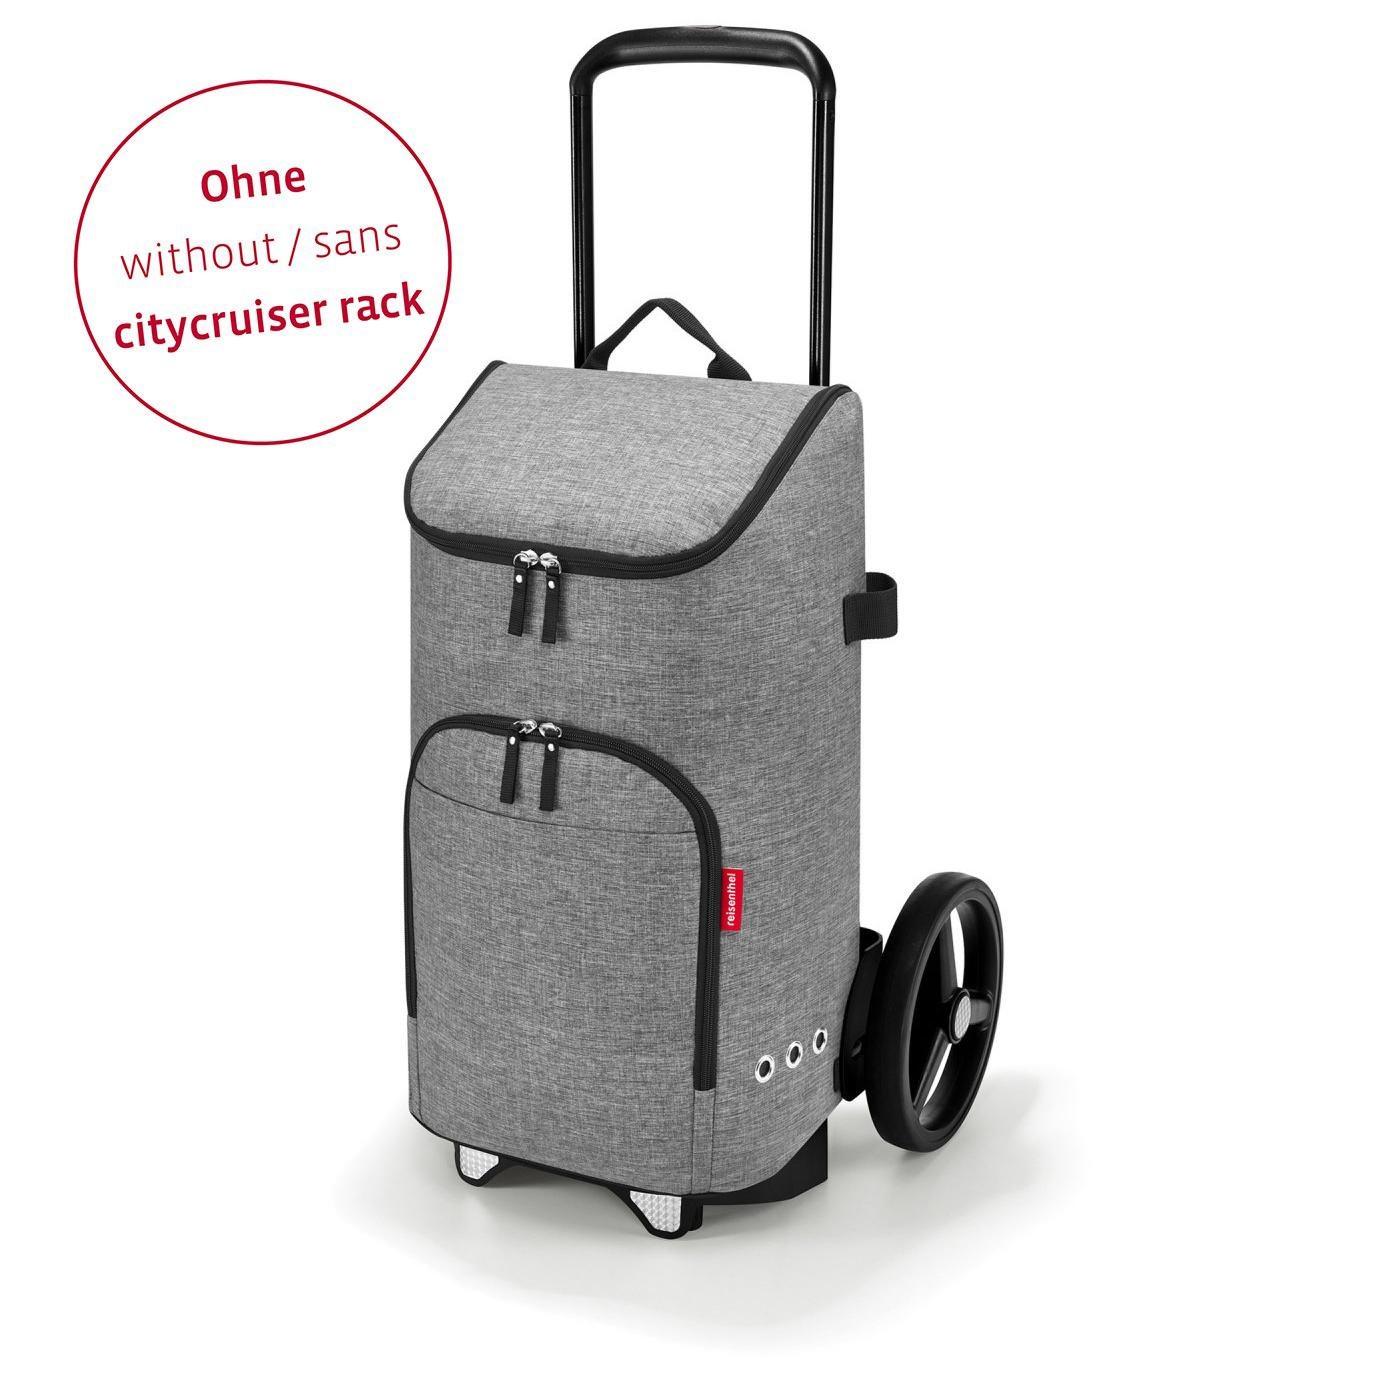 Městská taška Citycruiser Bag twist silver (bez vozíku DE7003!)_0